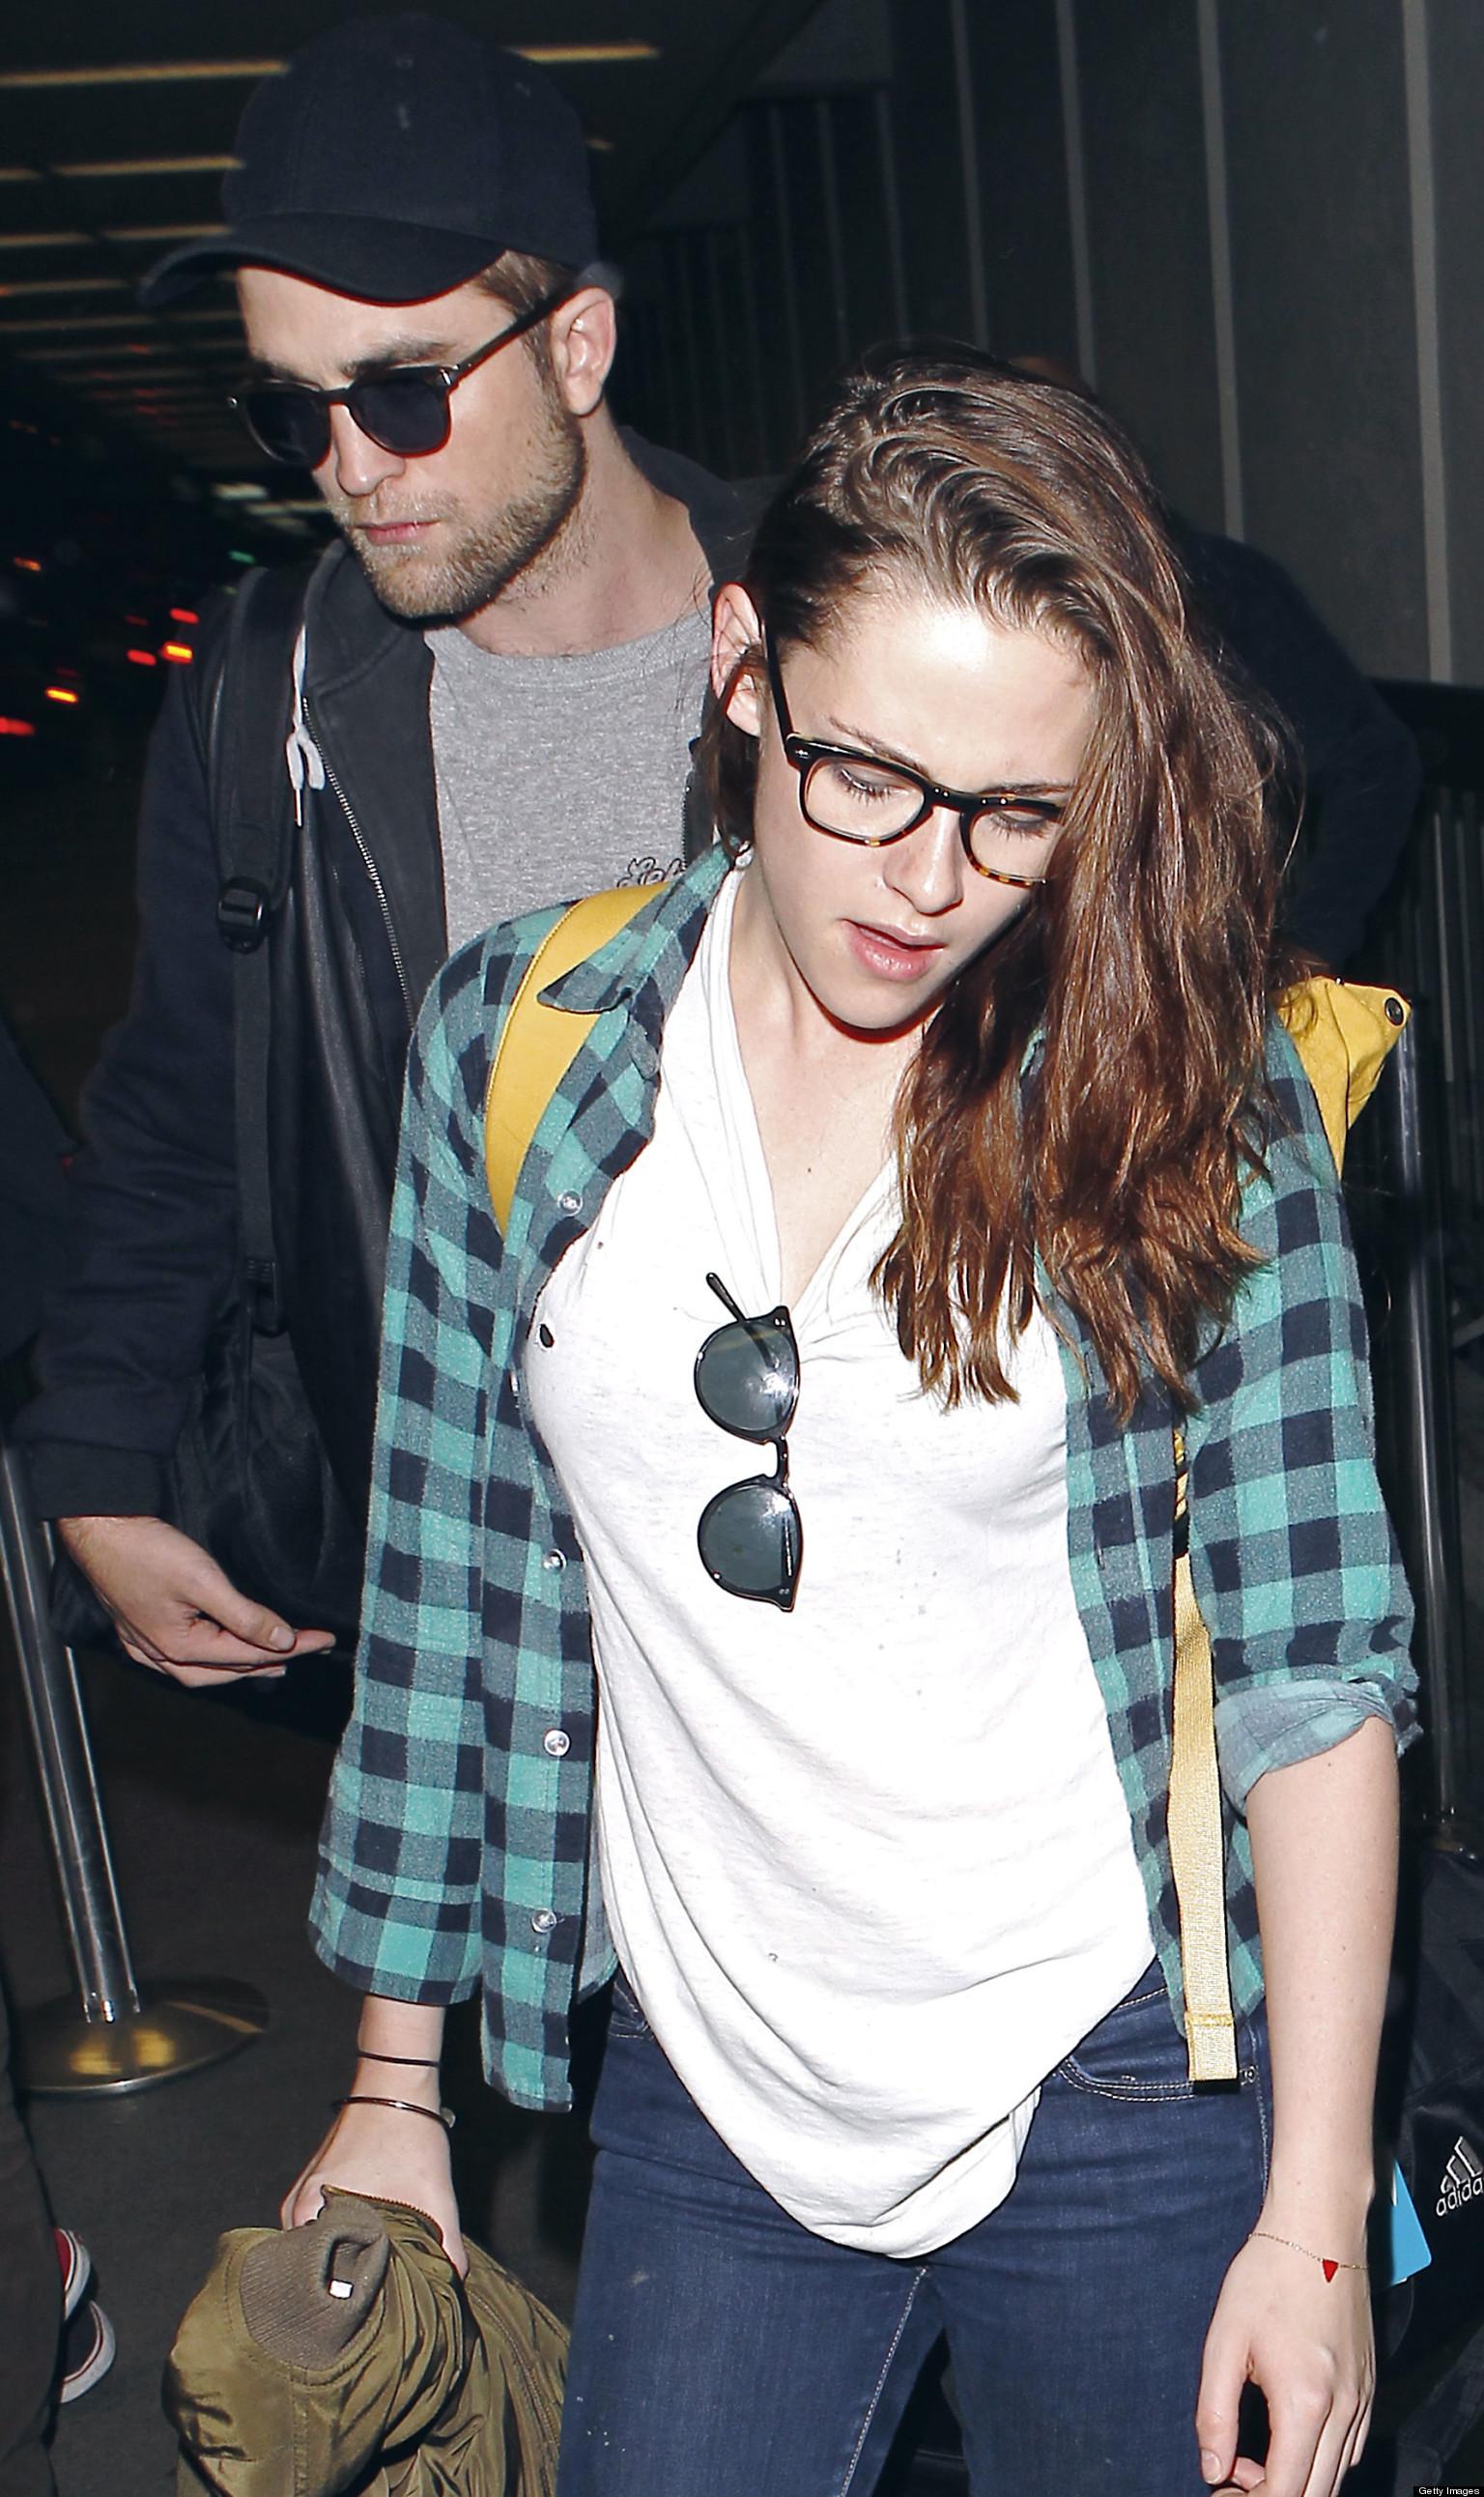 Kristen Stewart And Robert Pattinson Together In NYC ...